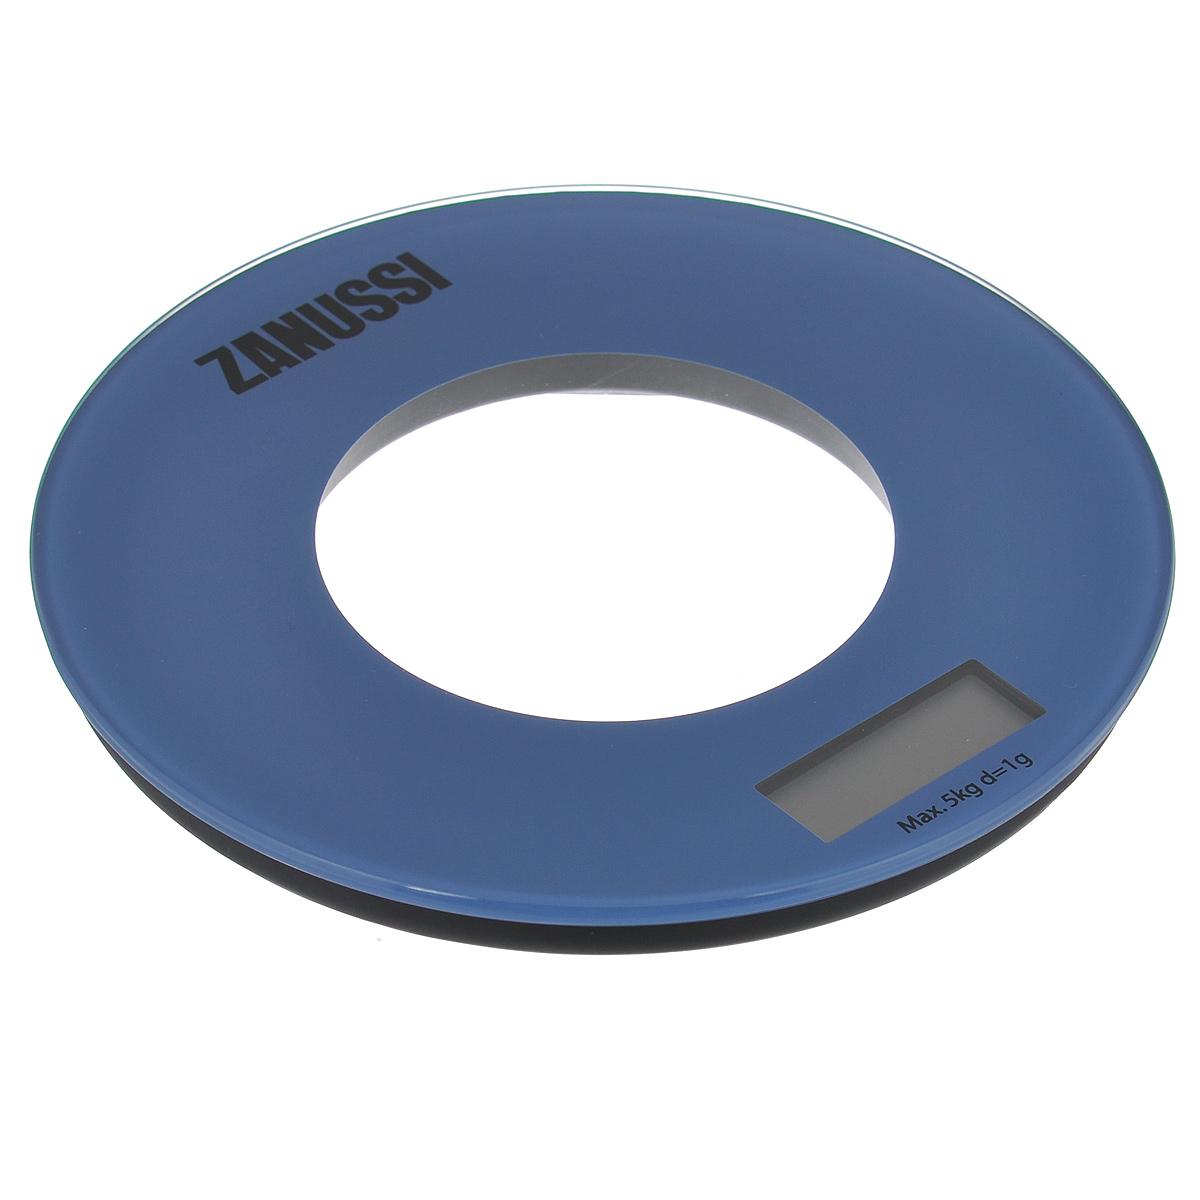 Весы кухонные Zanussi  Bologna , электронные, цвет: синий, до 5 кг. ZSE21221EF - Кухонные весы